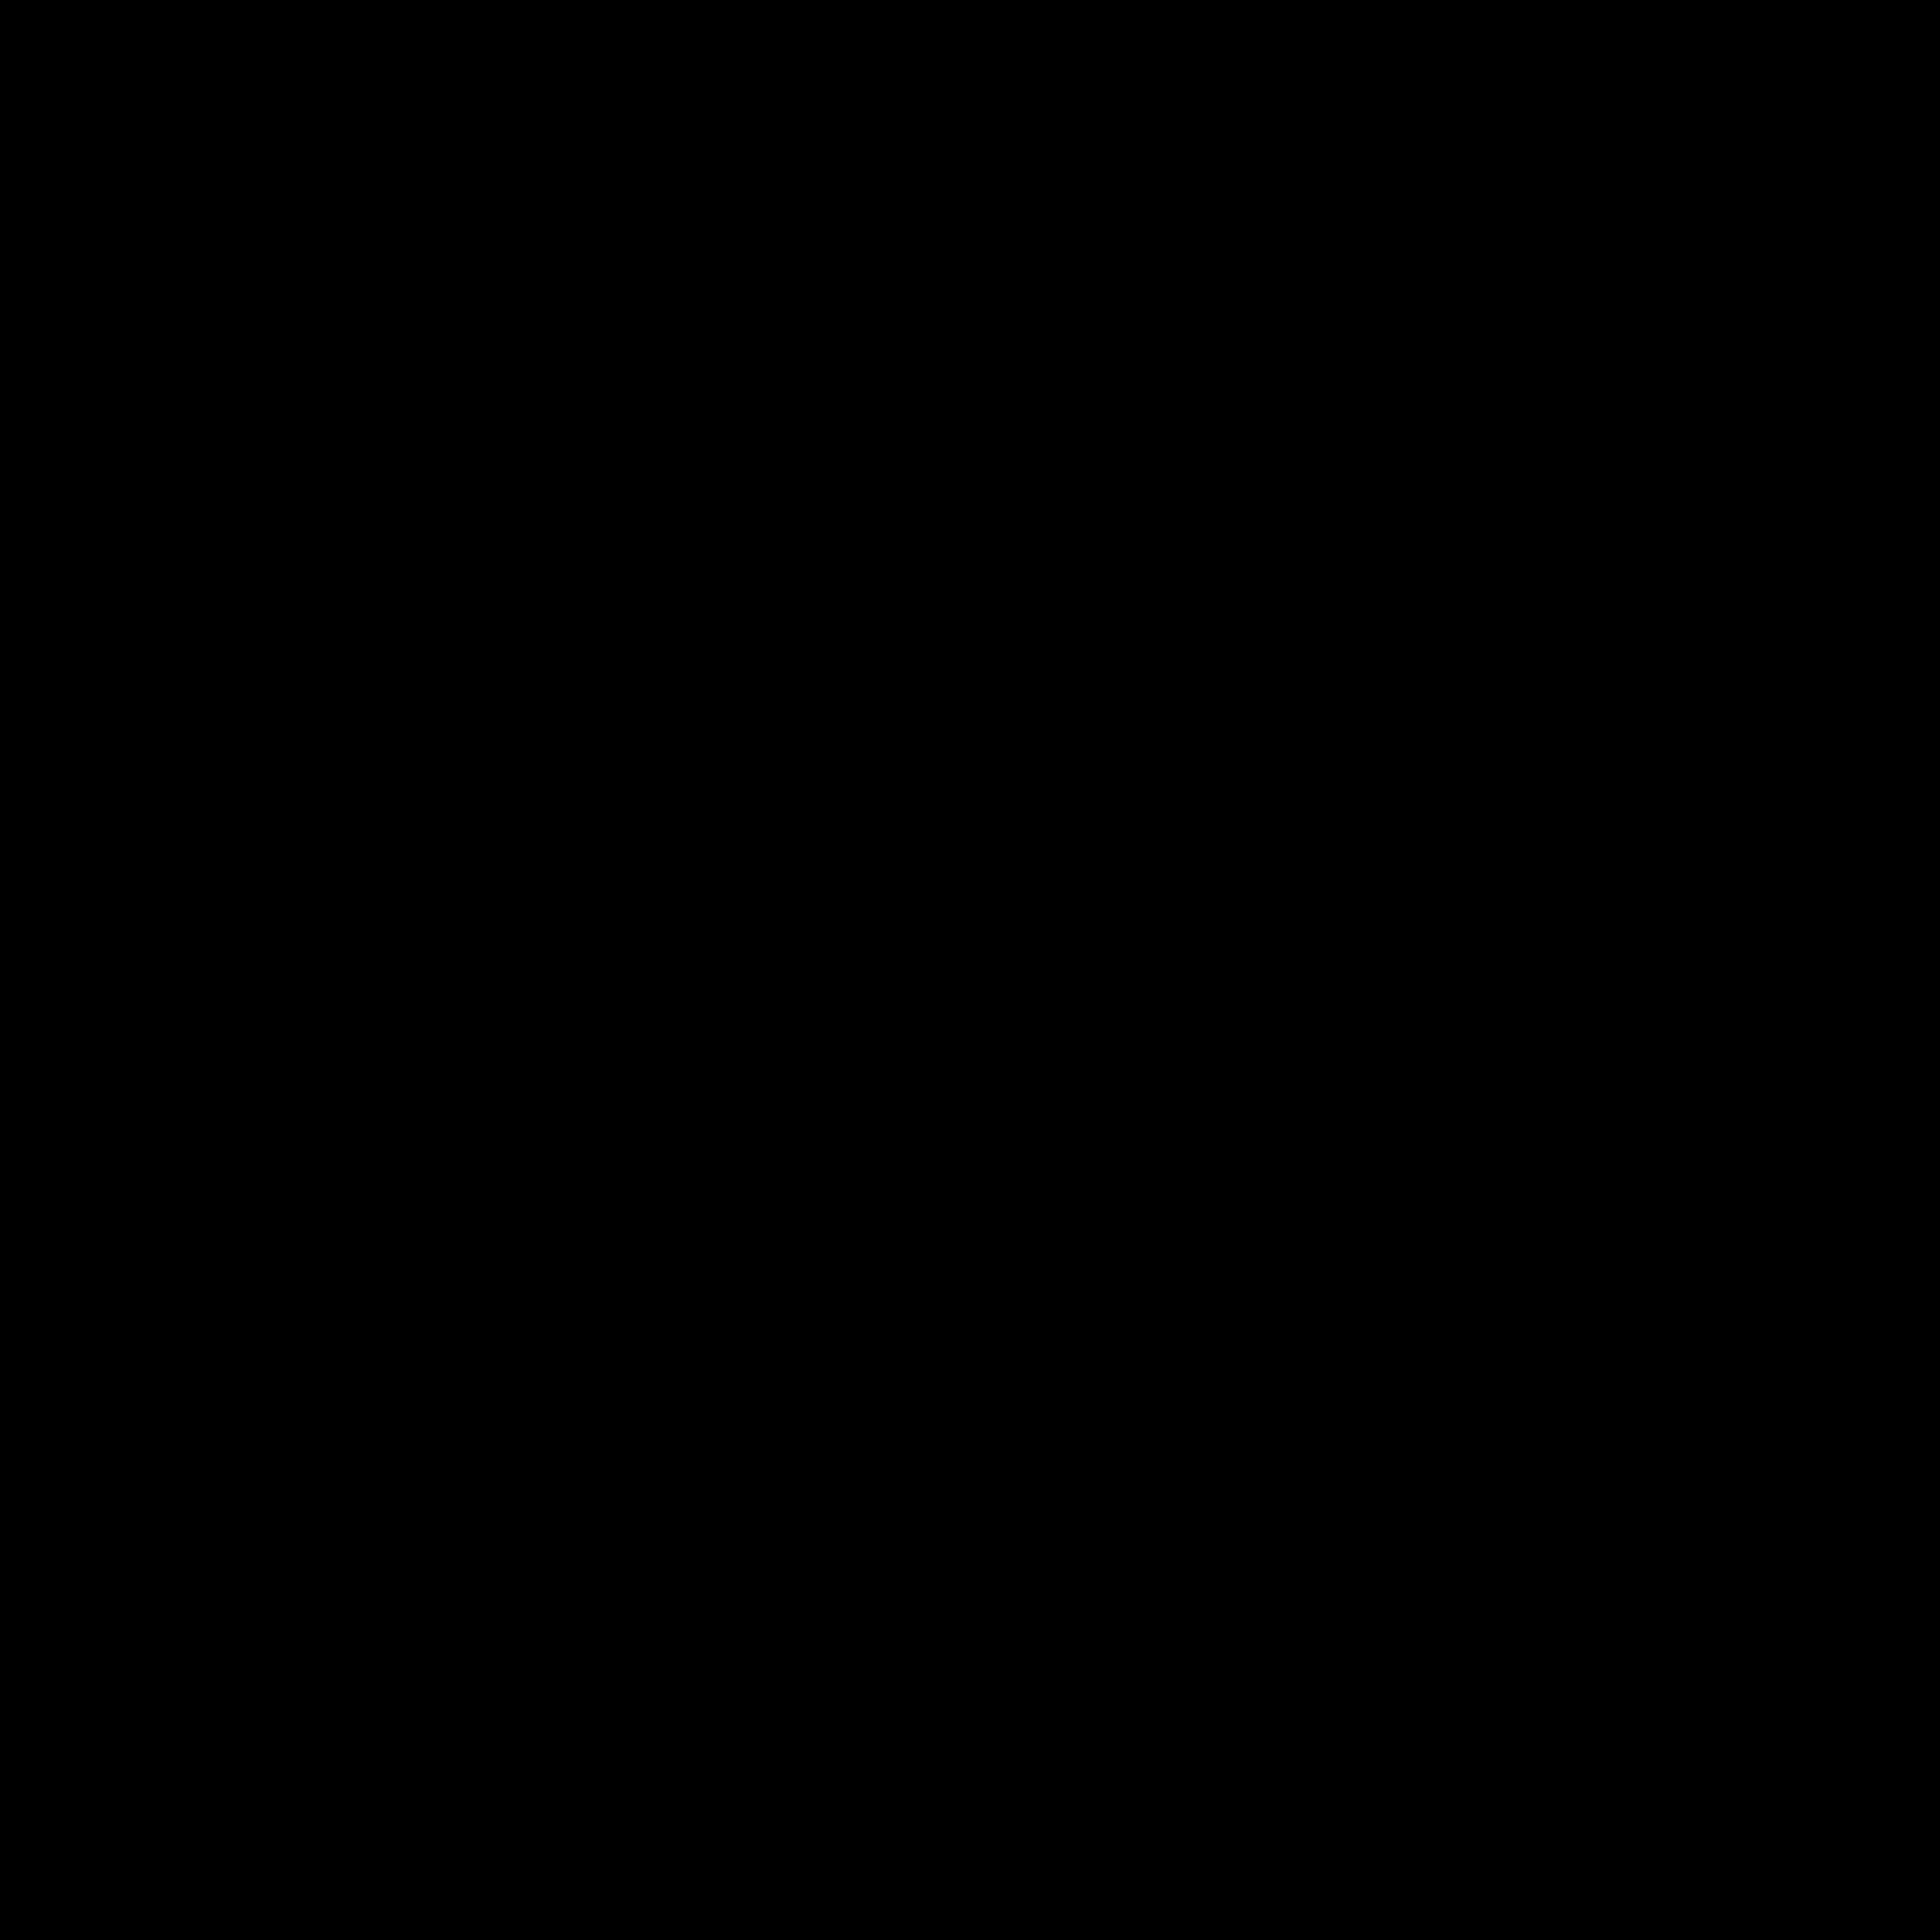 Digital DTS Sound Logo PNG Transparent & SVG Vector.